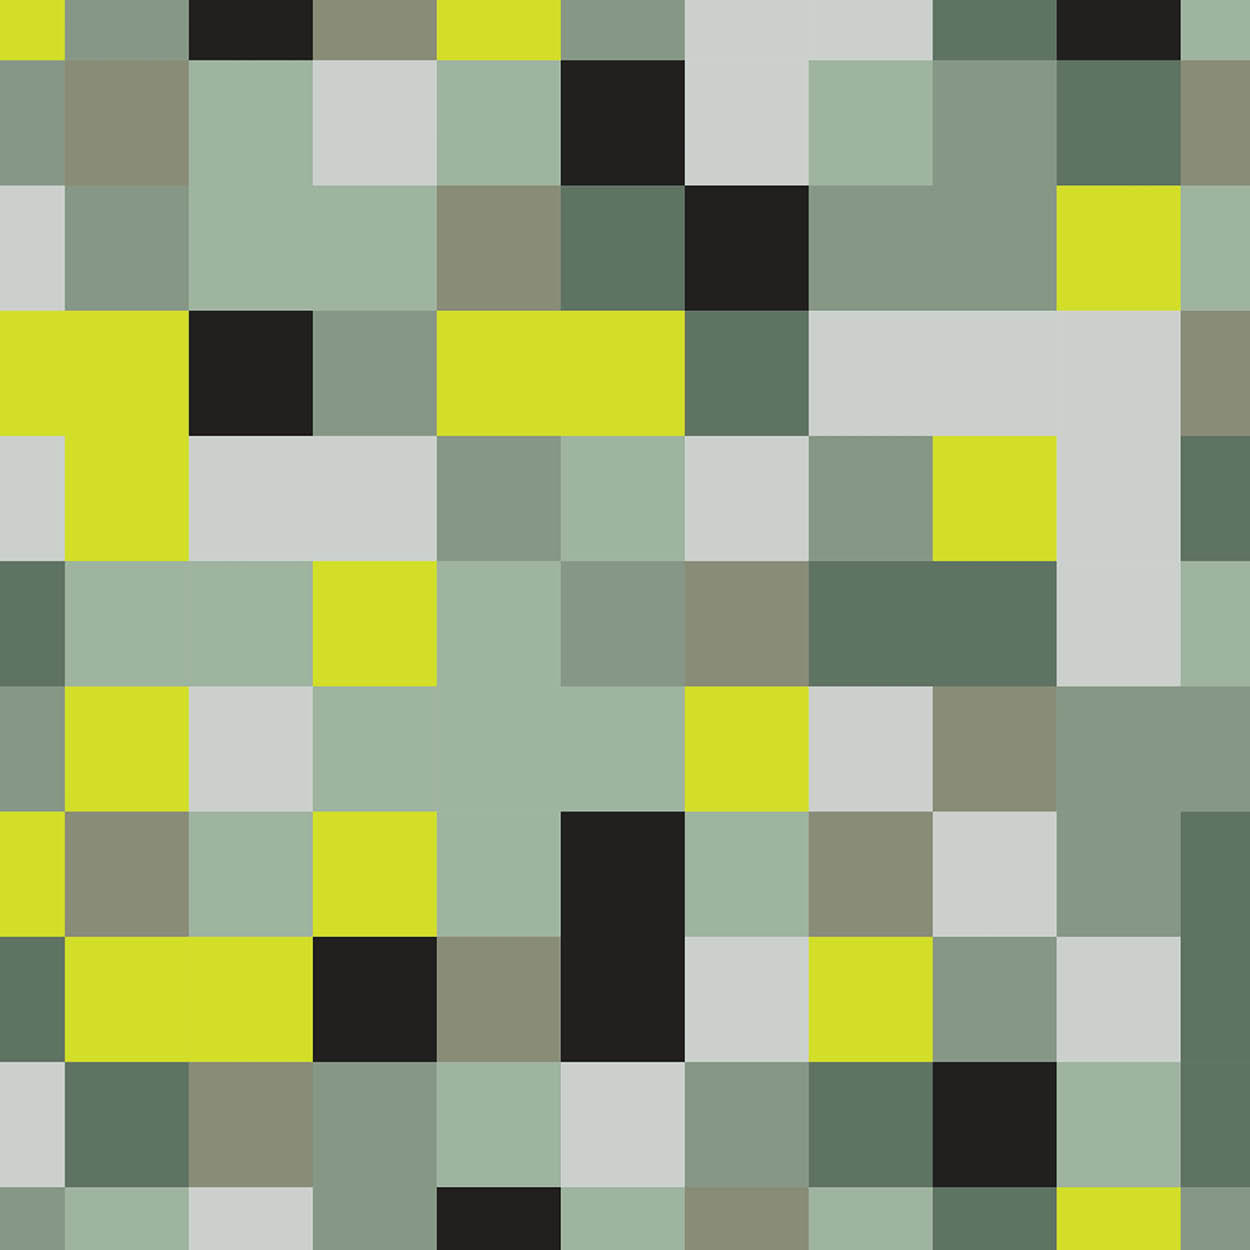 Big Pixel 1